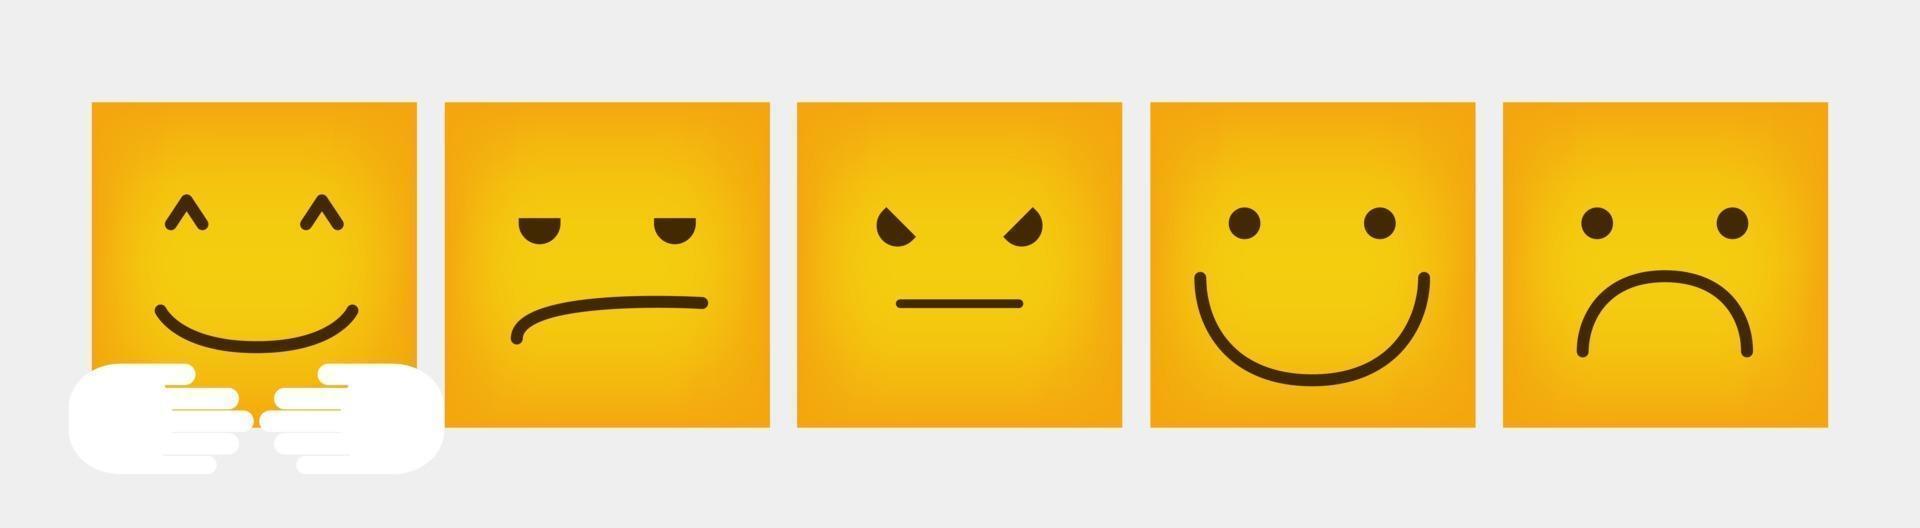 reazione emoticon quadrato design set piatto - vettore